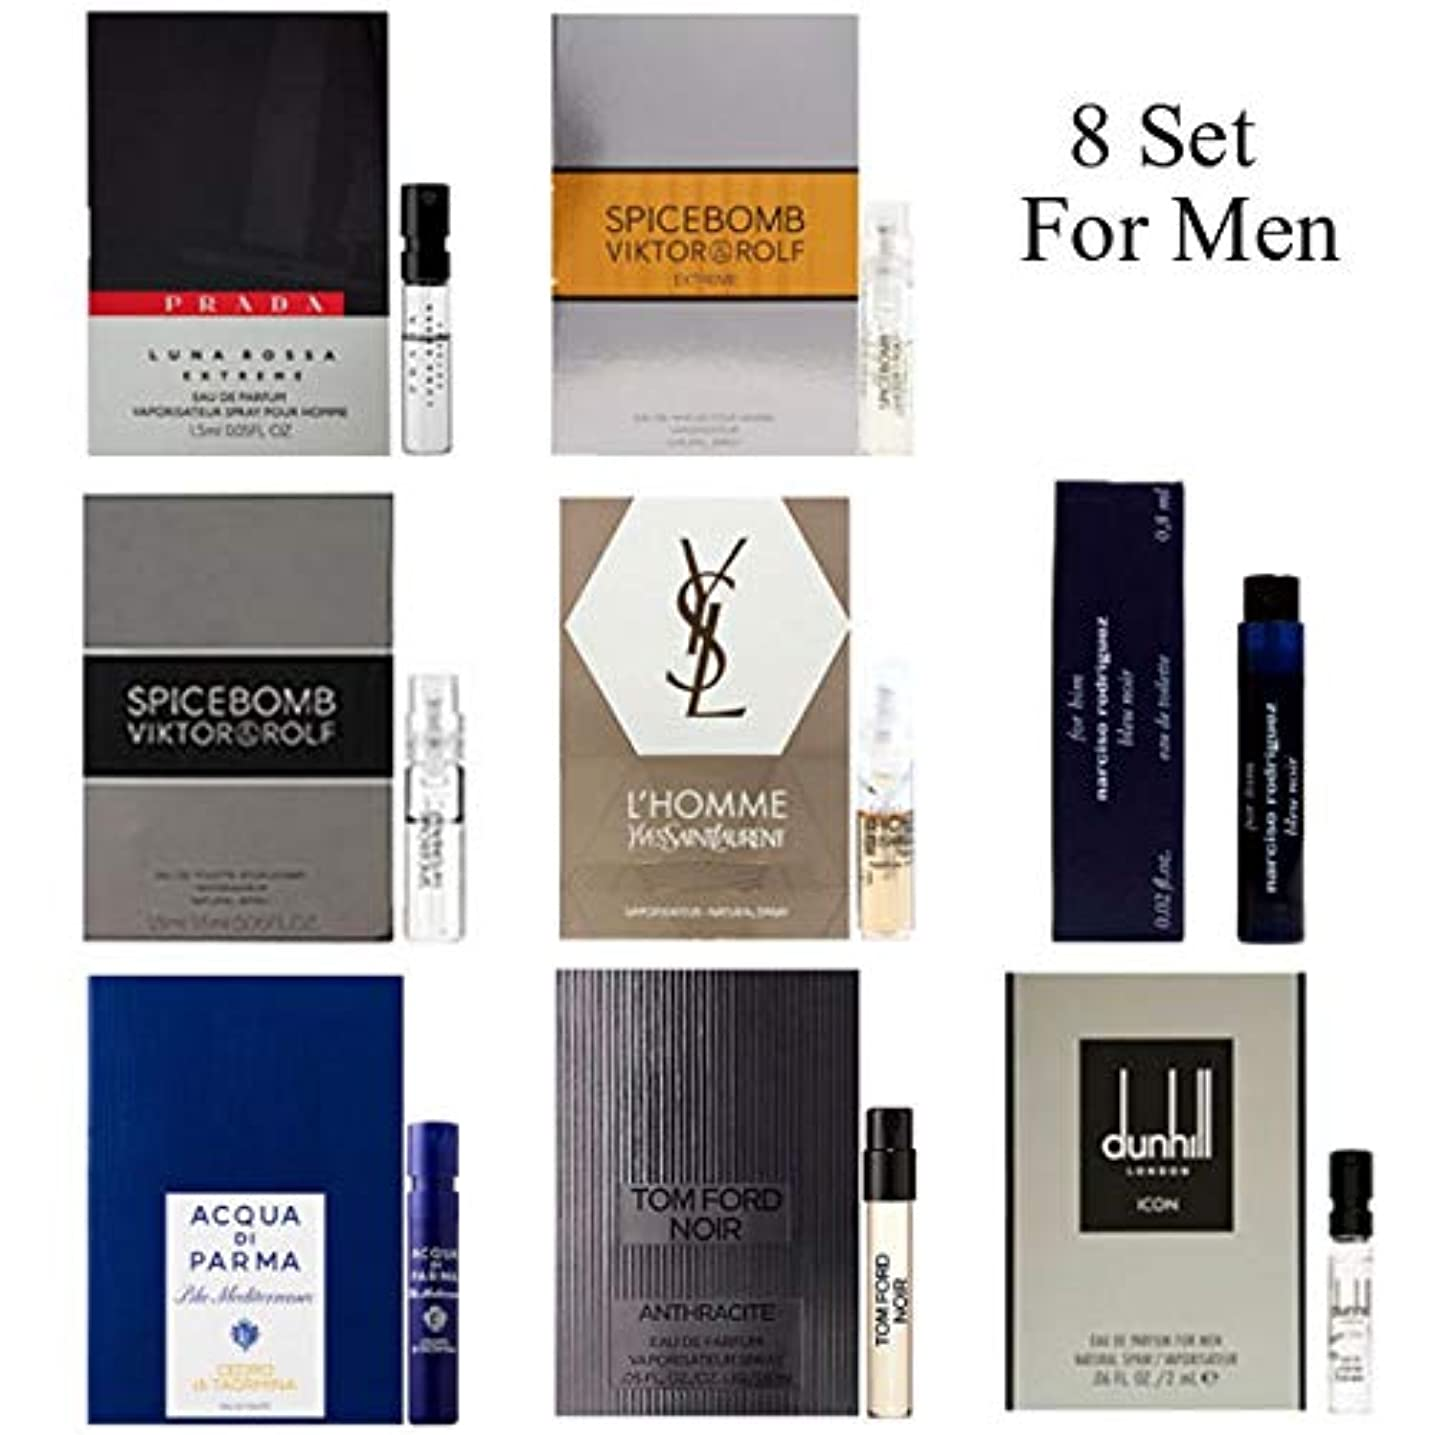 ポーク味ゆりかご男性用 Eau de Parfum (Eau de Toilette) For Men Samples 8/set [海外直送品] [並行輸入品]v